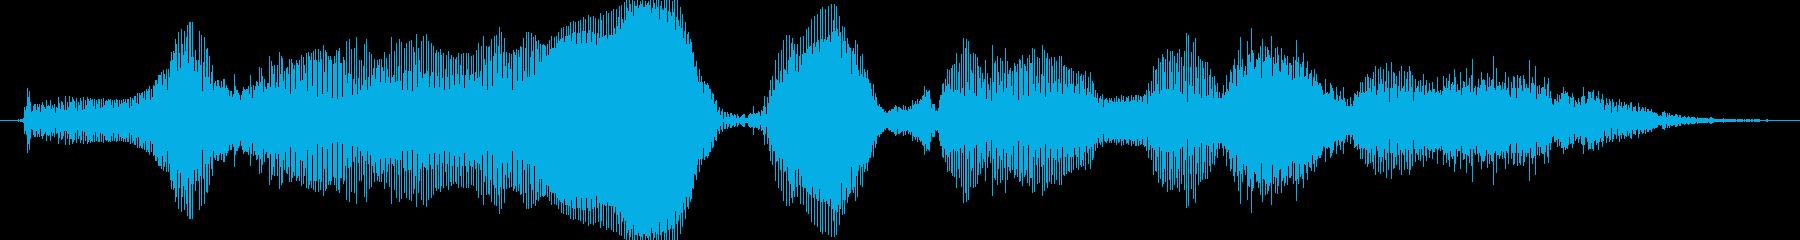 おはようございます…の再生済みの波形